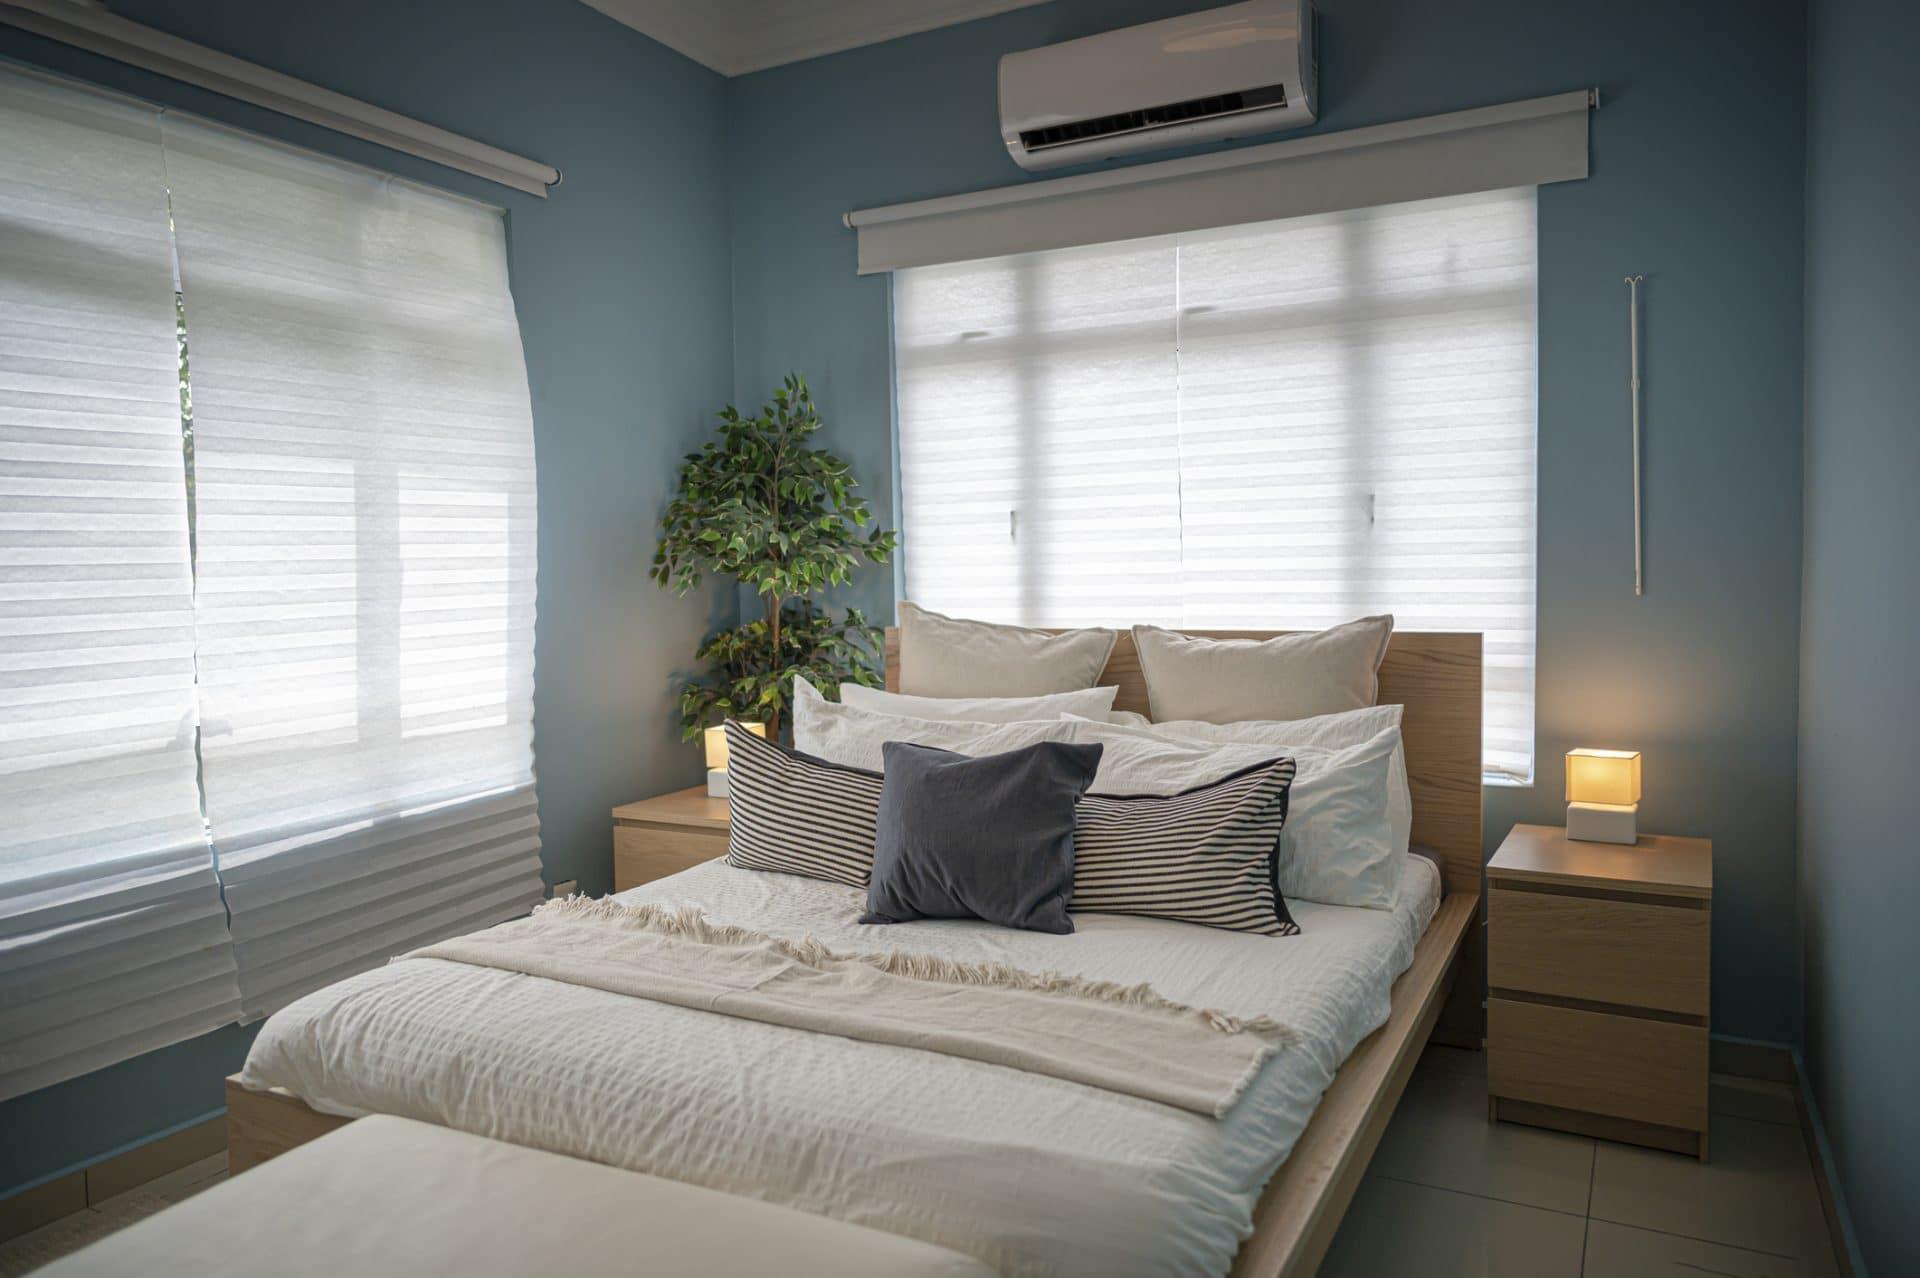 climatisation pour une chambre